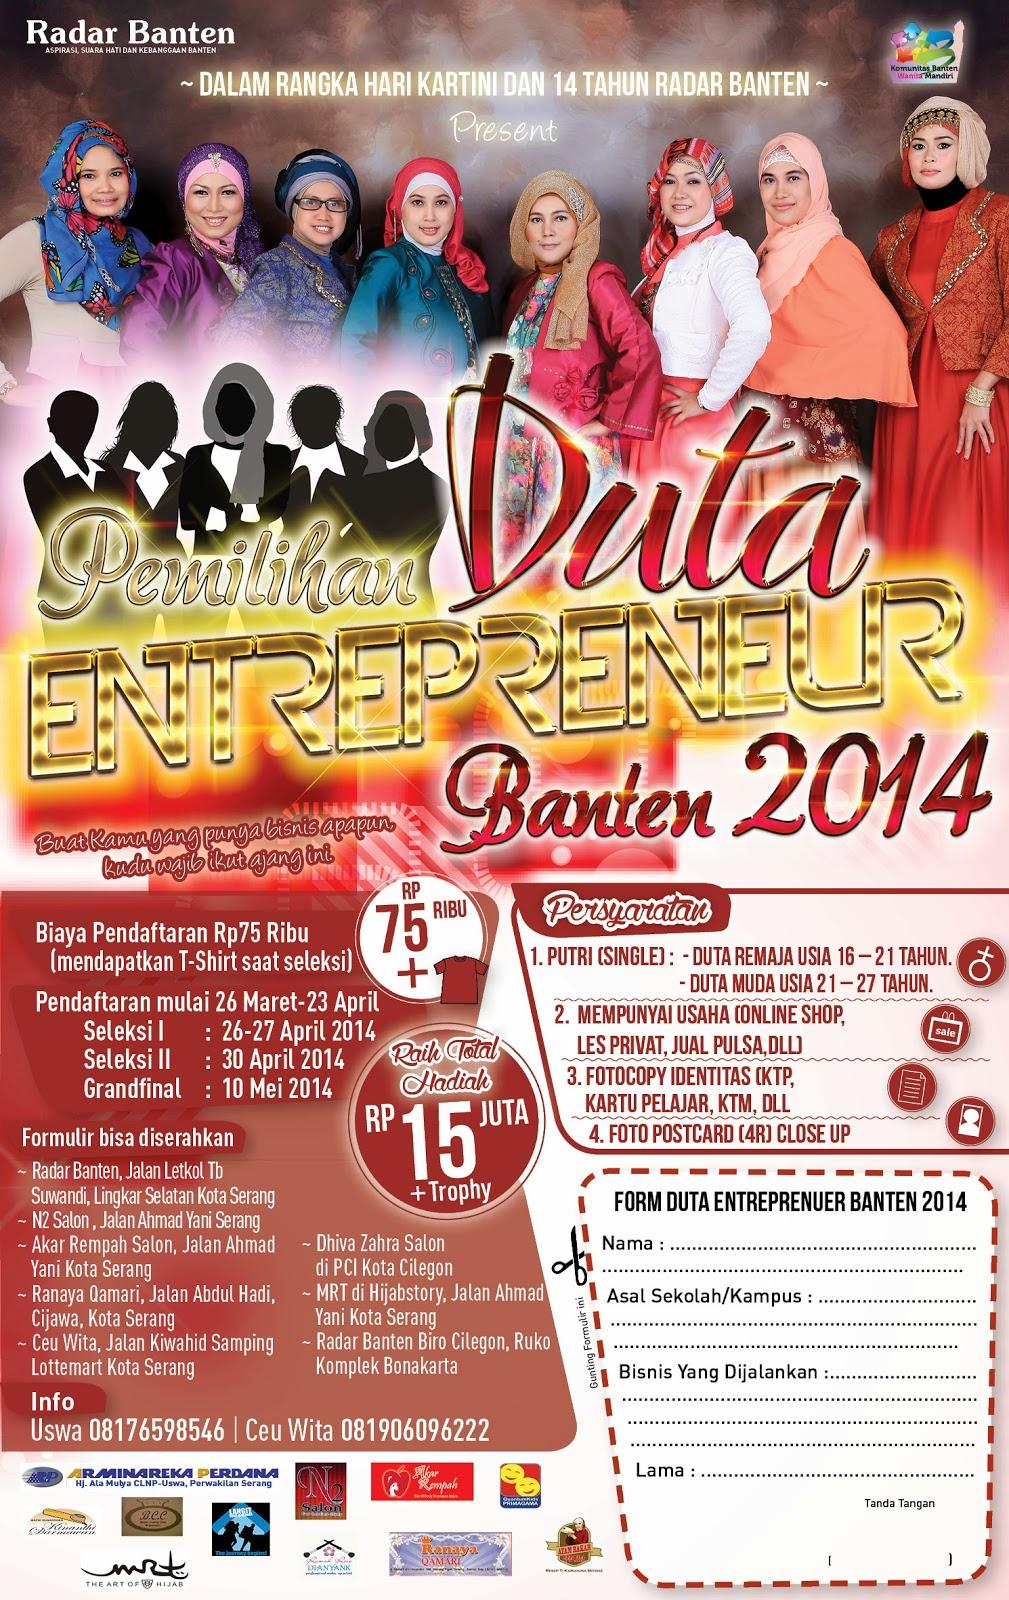 Kupon Pemilihan Duta Enterpreneur Banten 2014